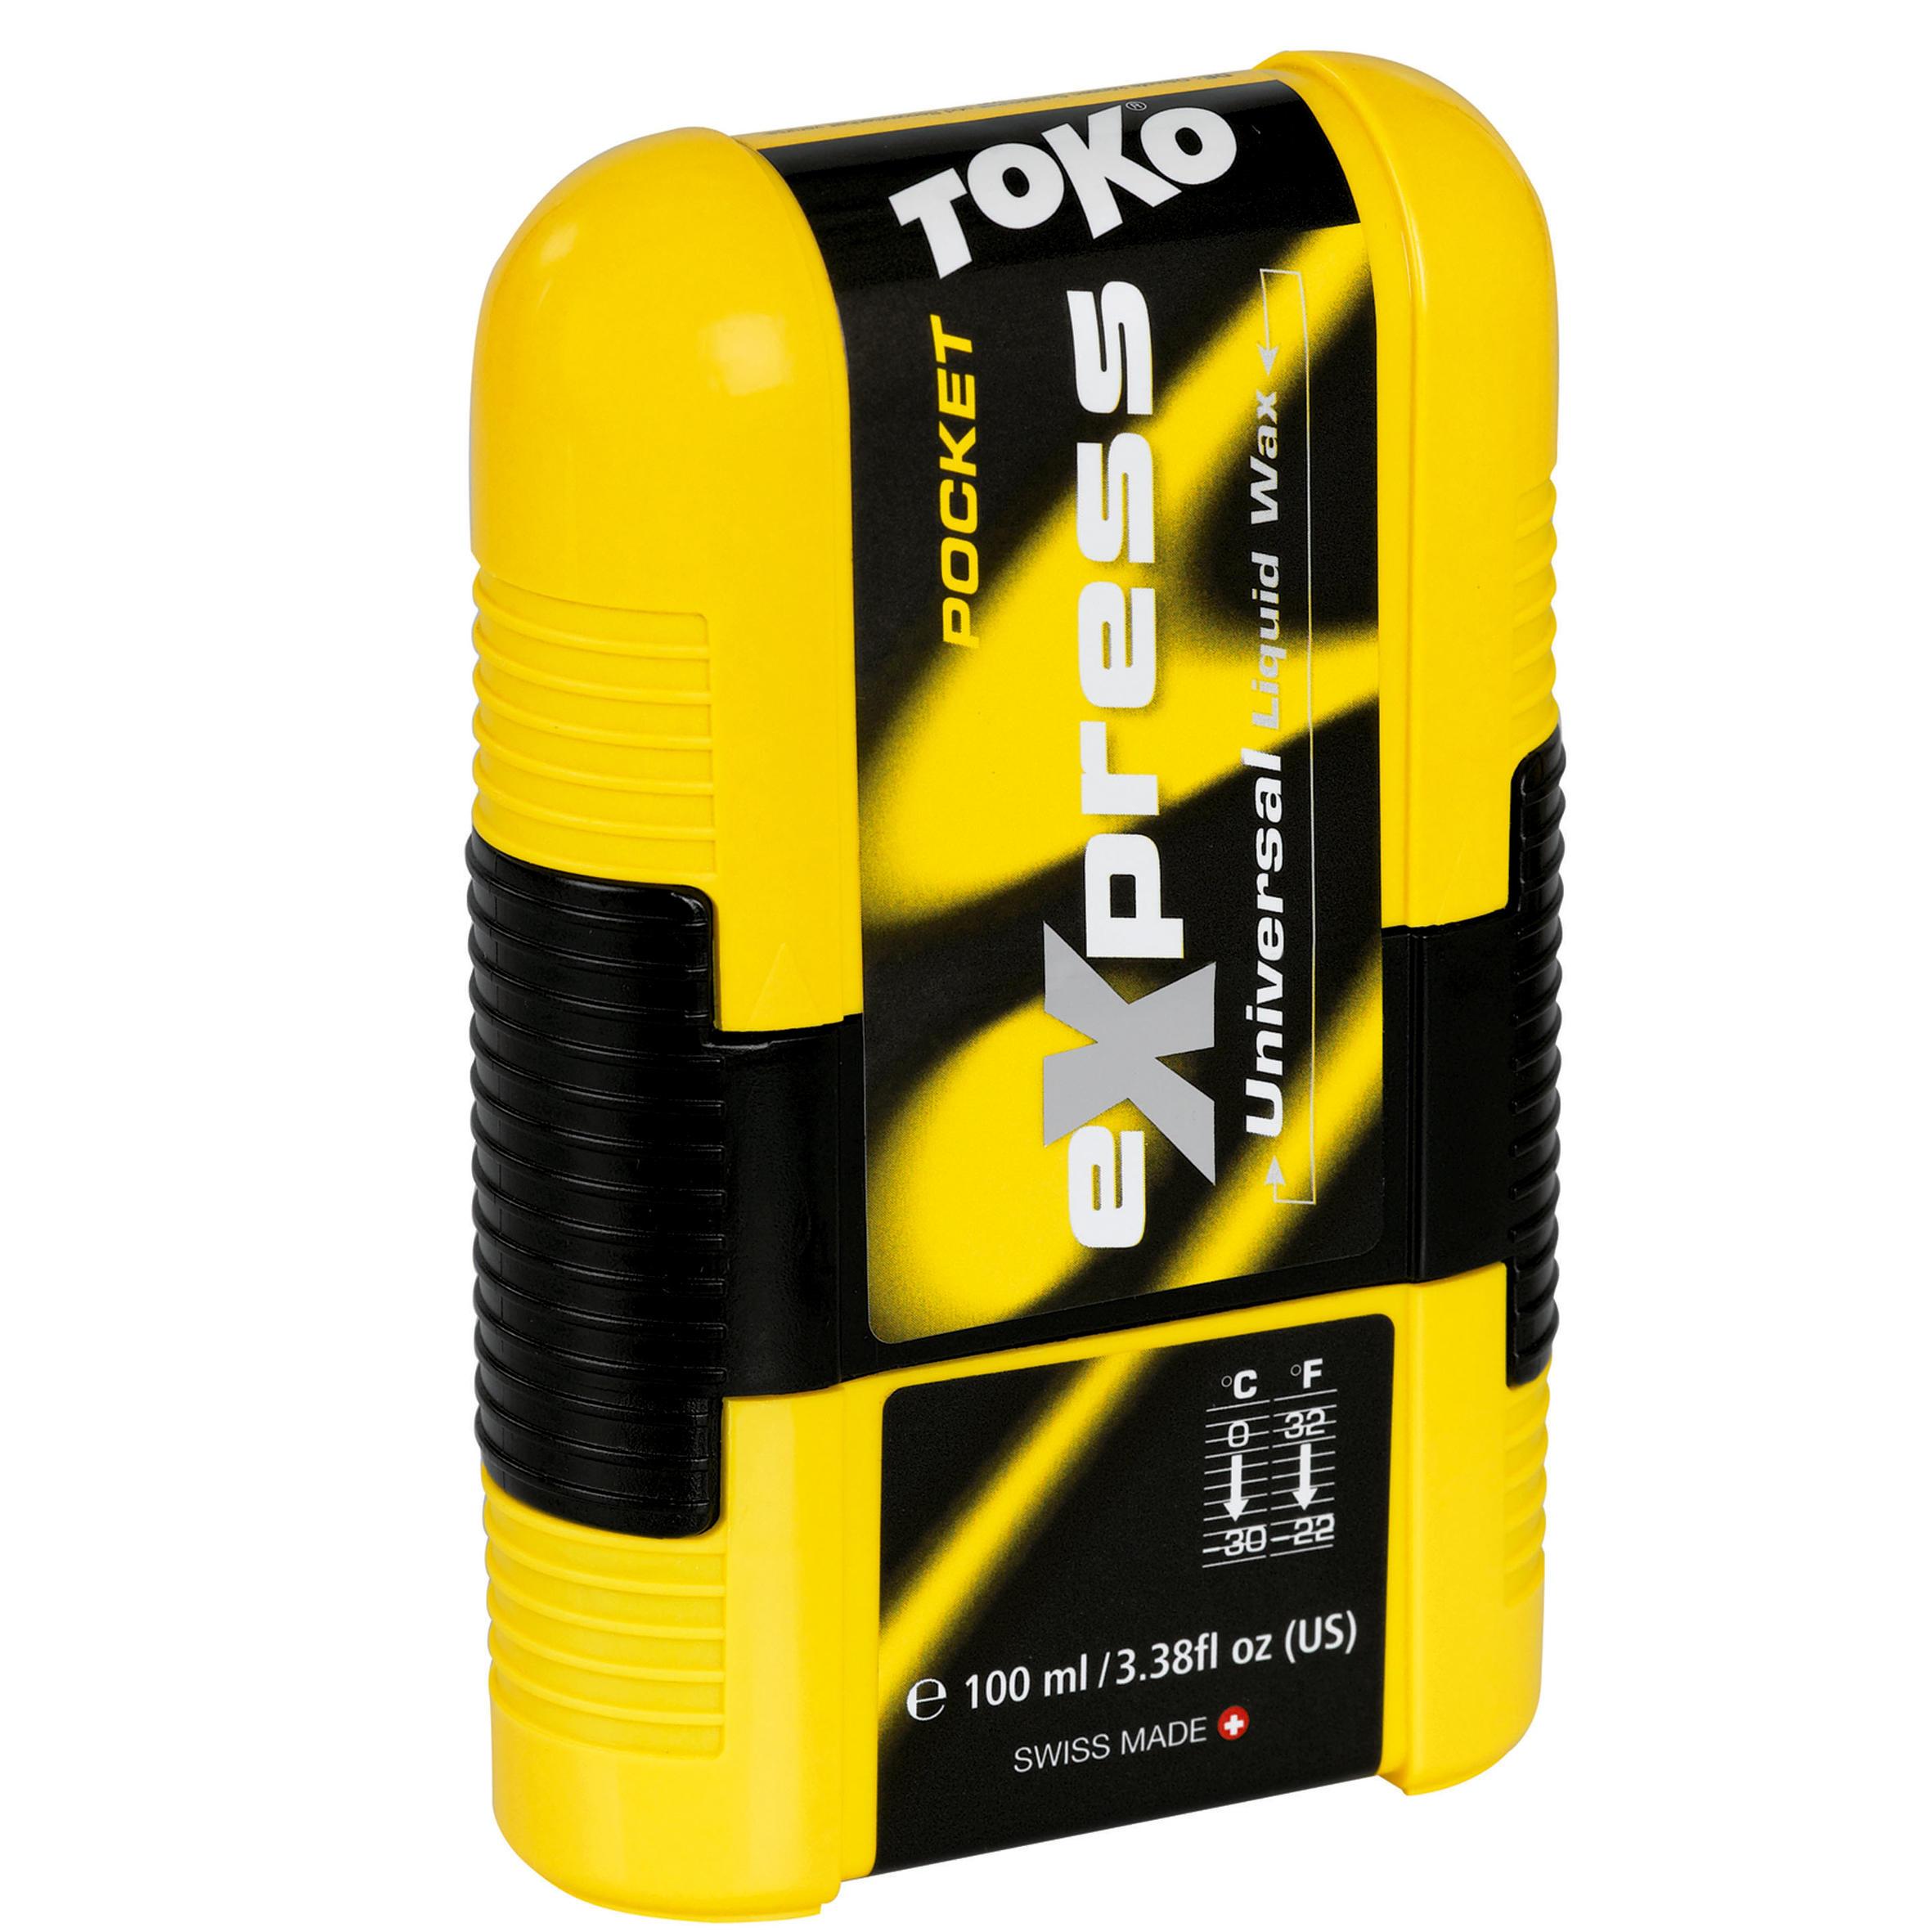 Toko Wax Express Pocket 100 ml voor ski's/snowboards/stijgvellen van toerski's. thumbnail